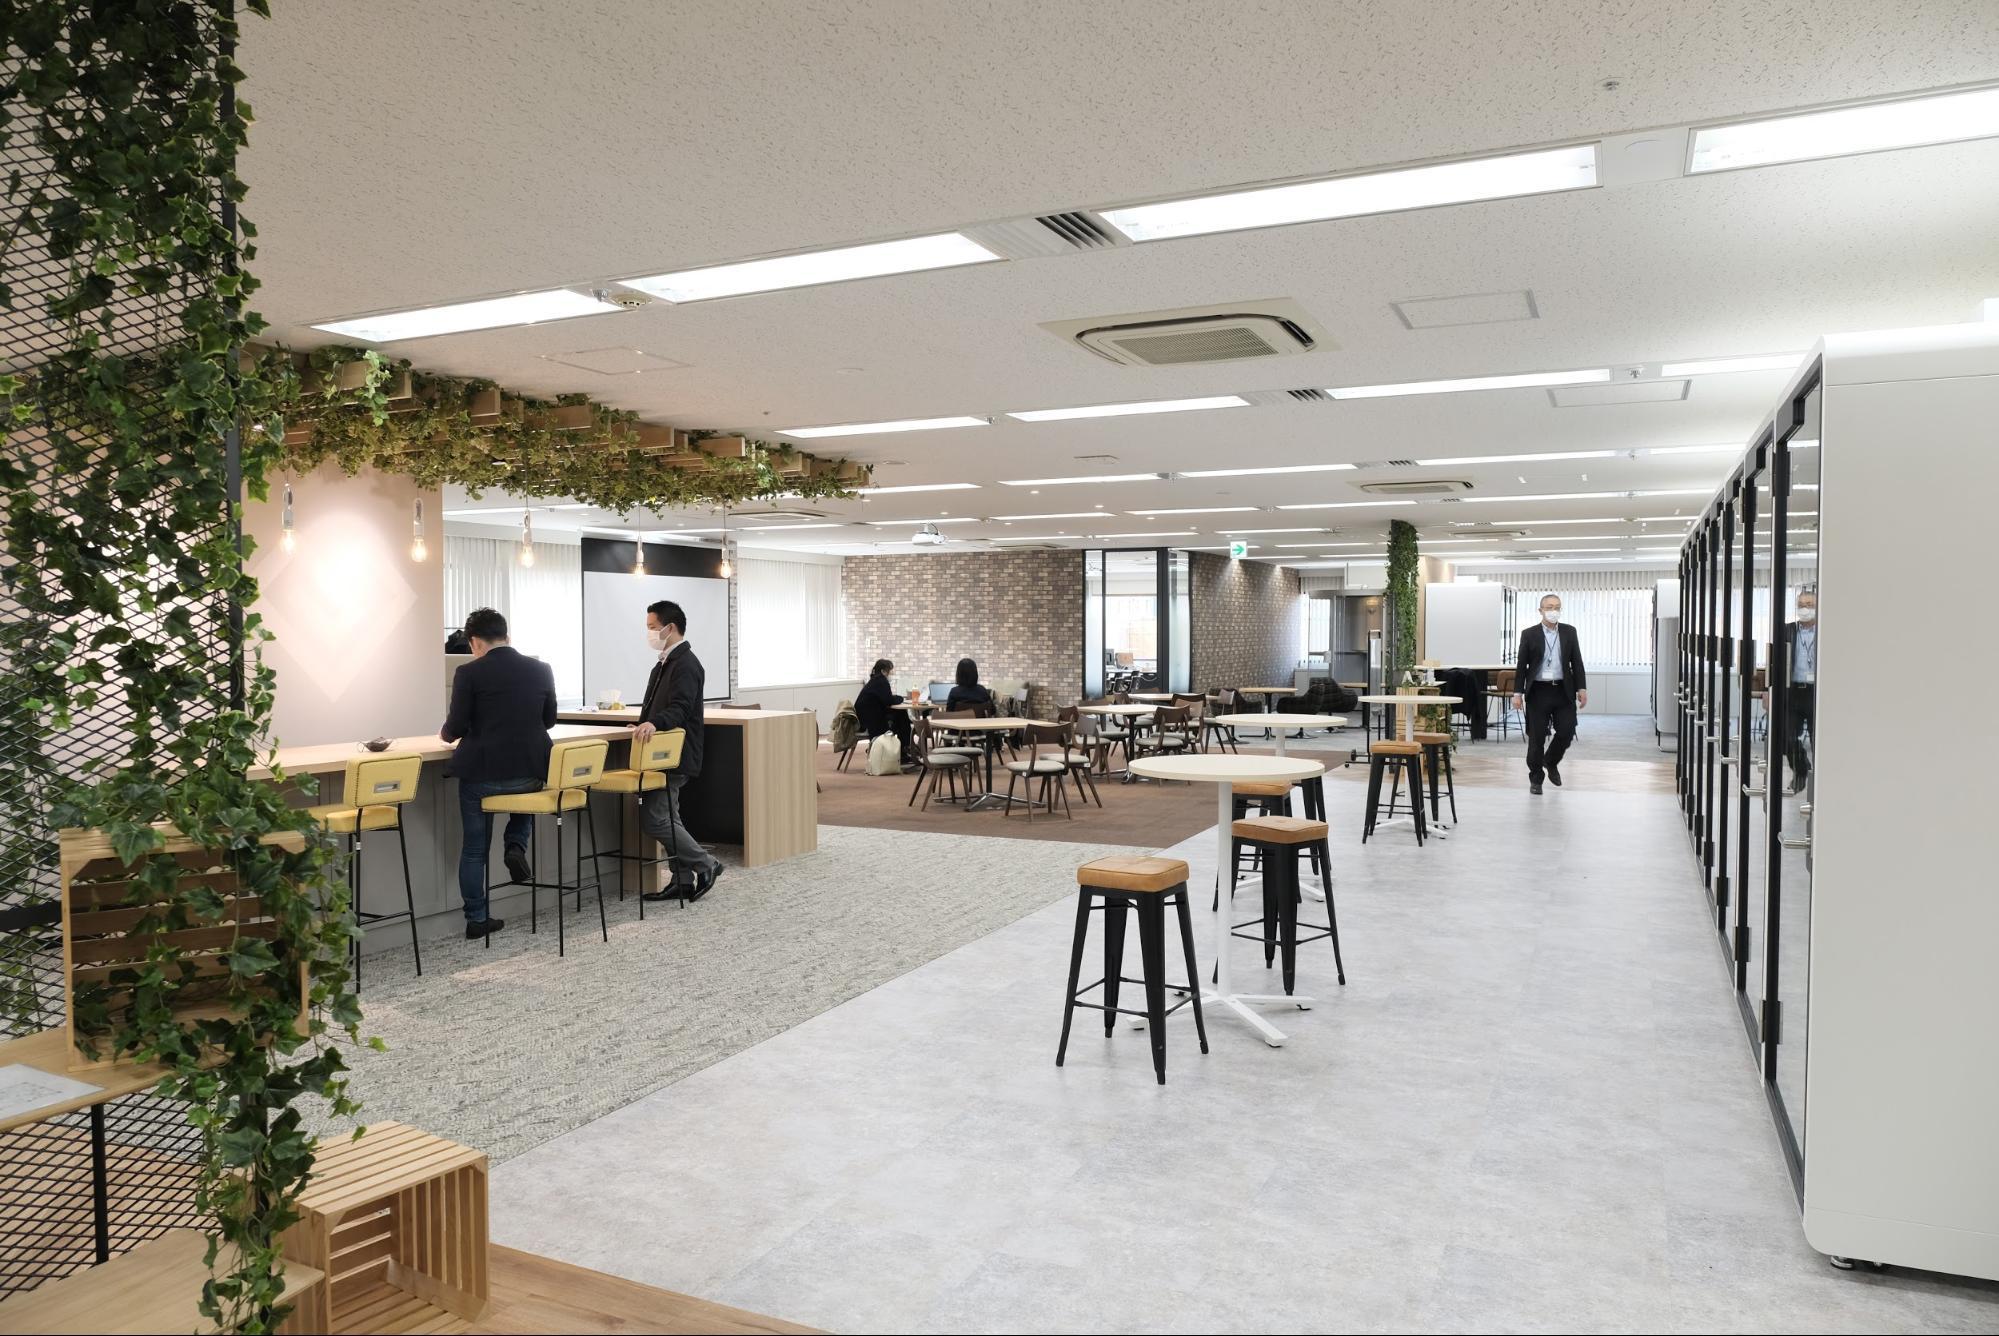 オフィスにいながら、個室でテレワークスタイル。12月開設のオフサイトセンターの使い方をご紹介します!